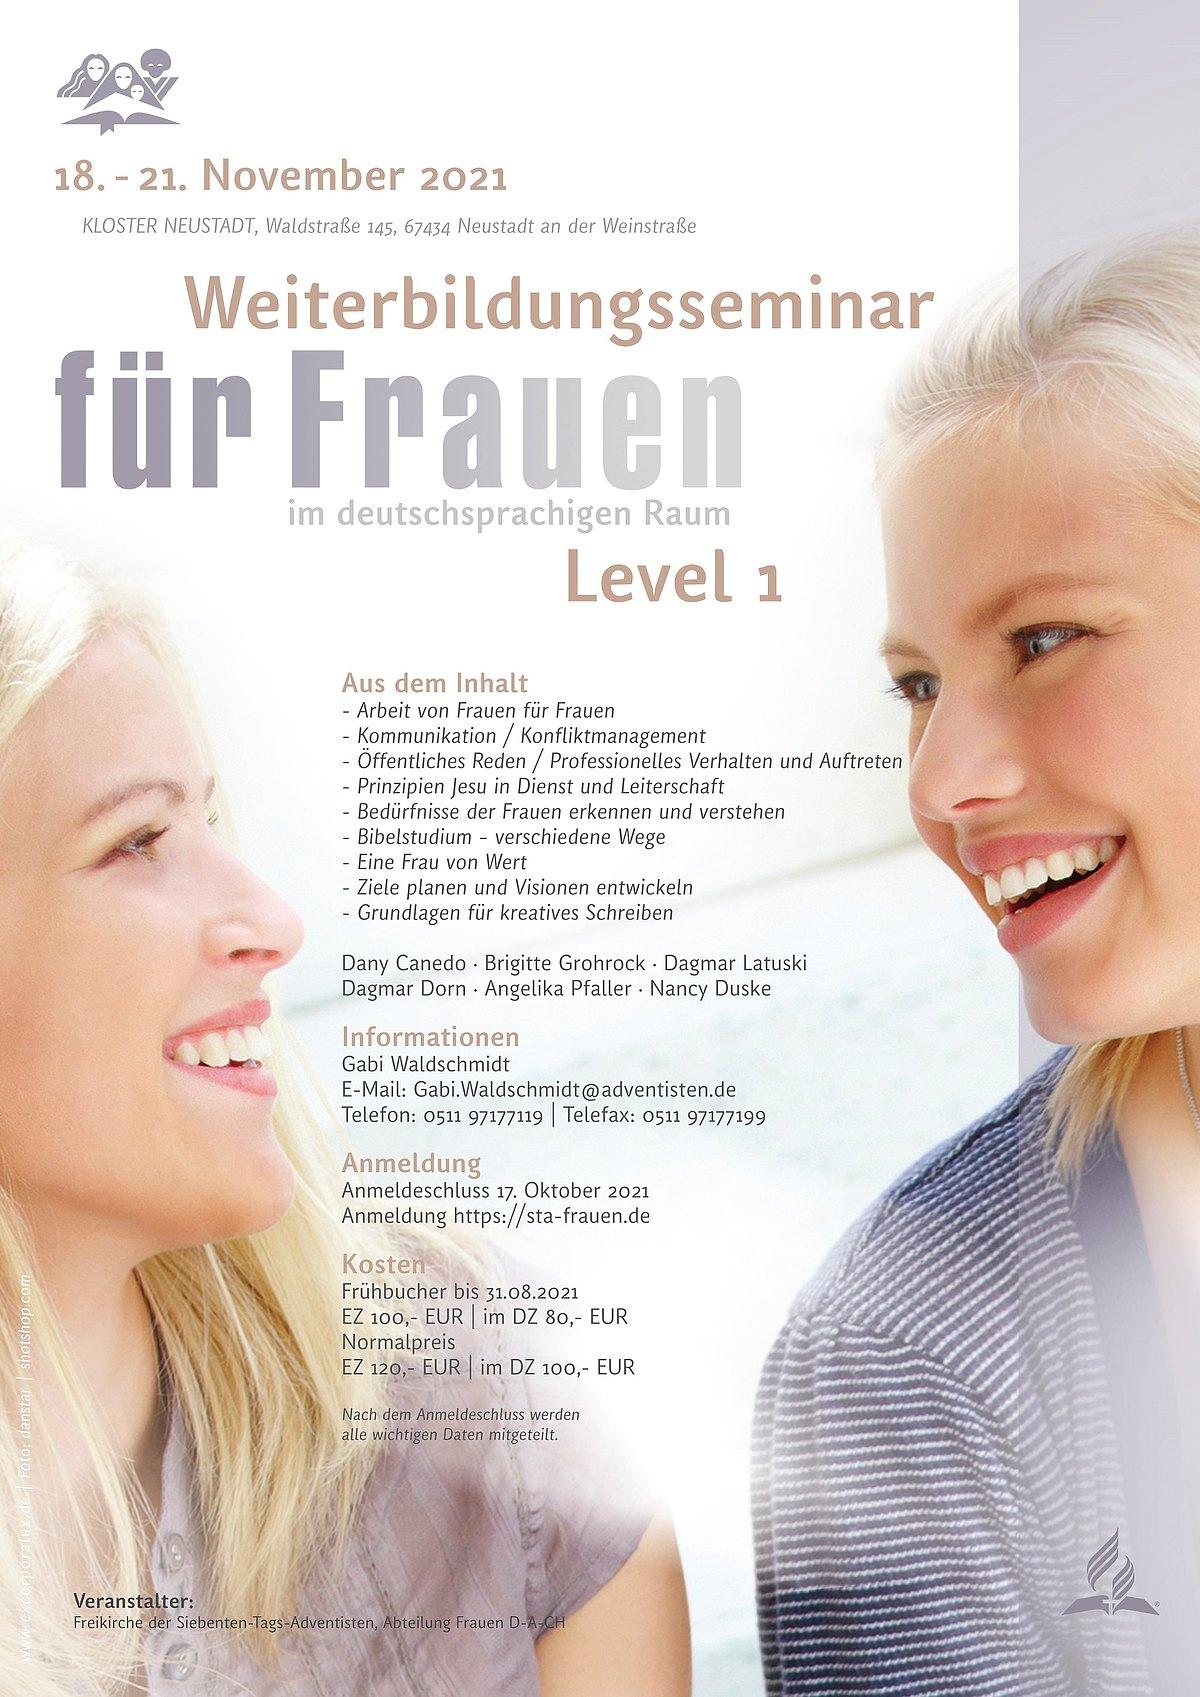 2021_11_18-21_Plakat_Level_1_Neustadt.jpg